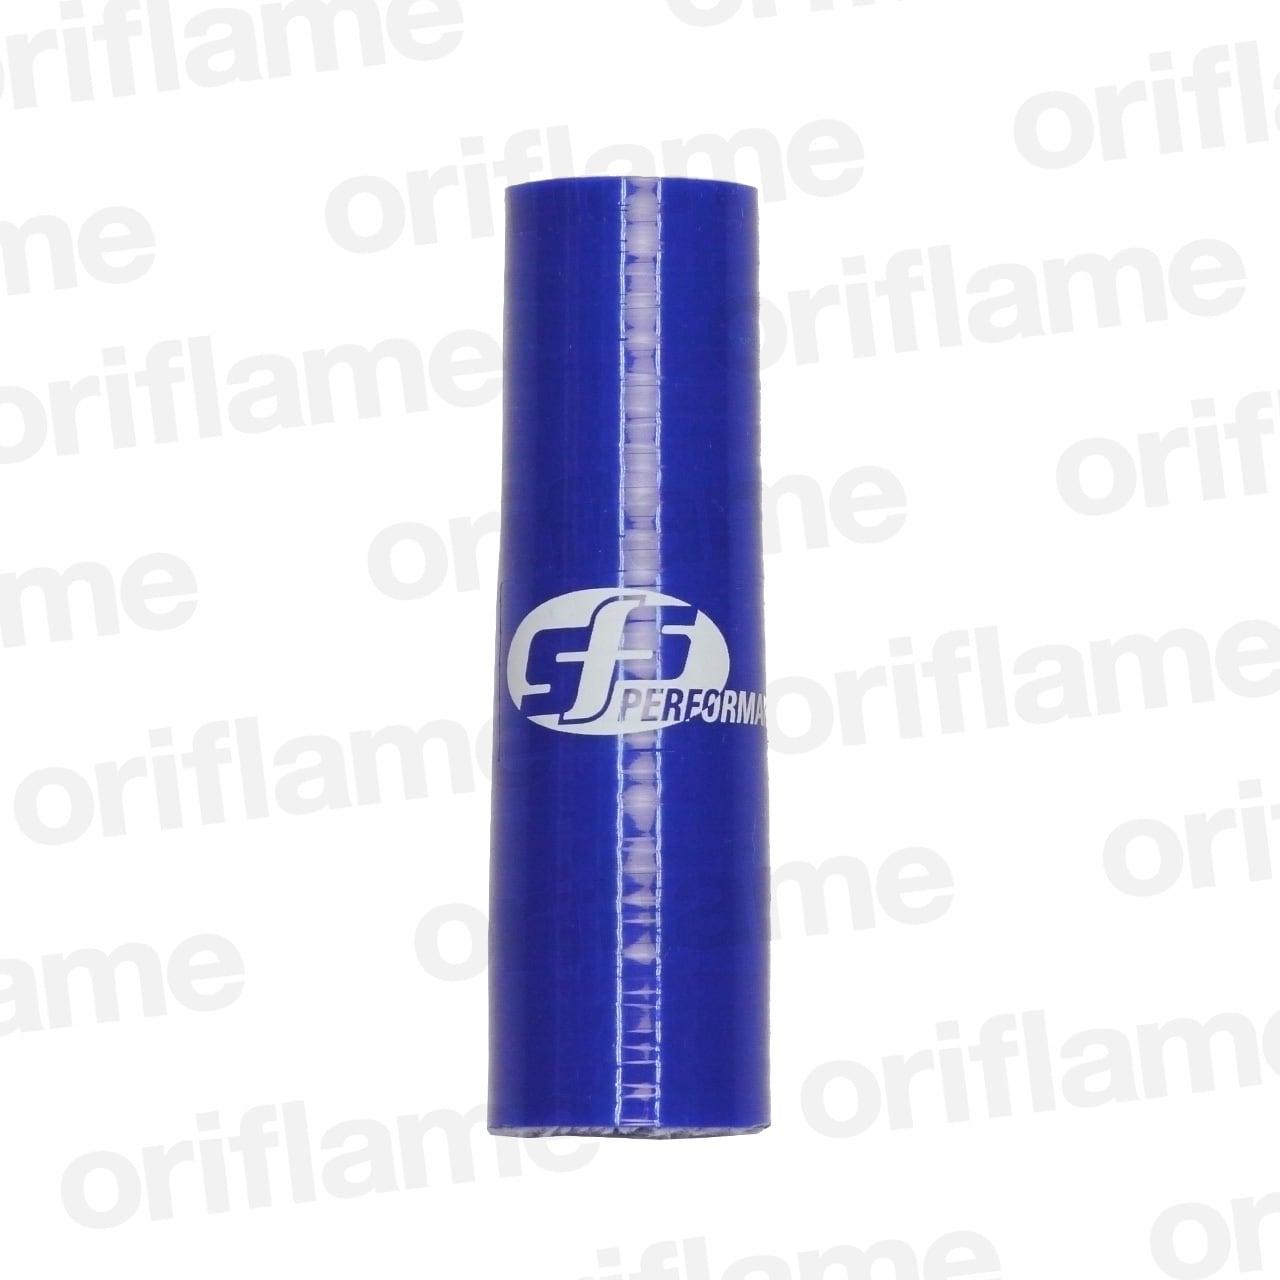 異径・ストレートホース・内径22 x 19mm・ブルー